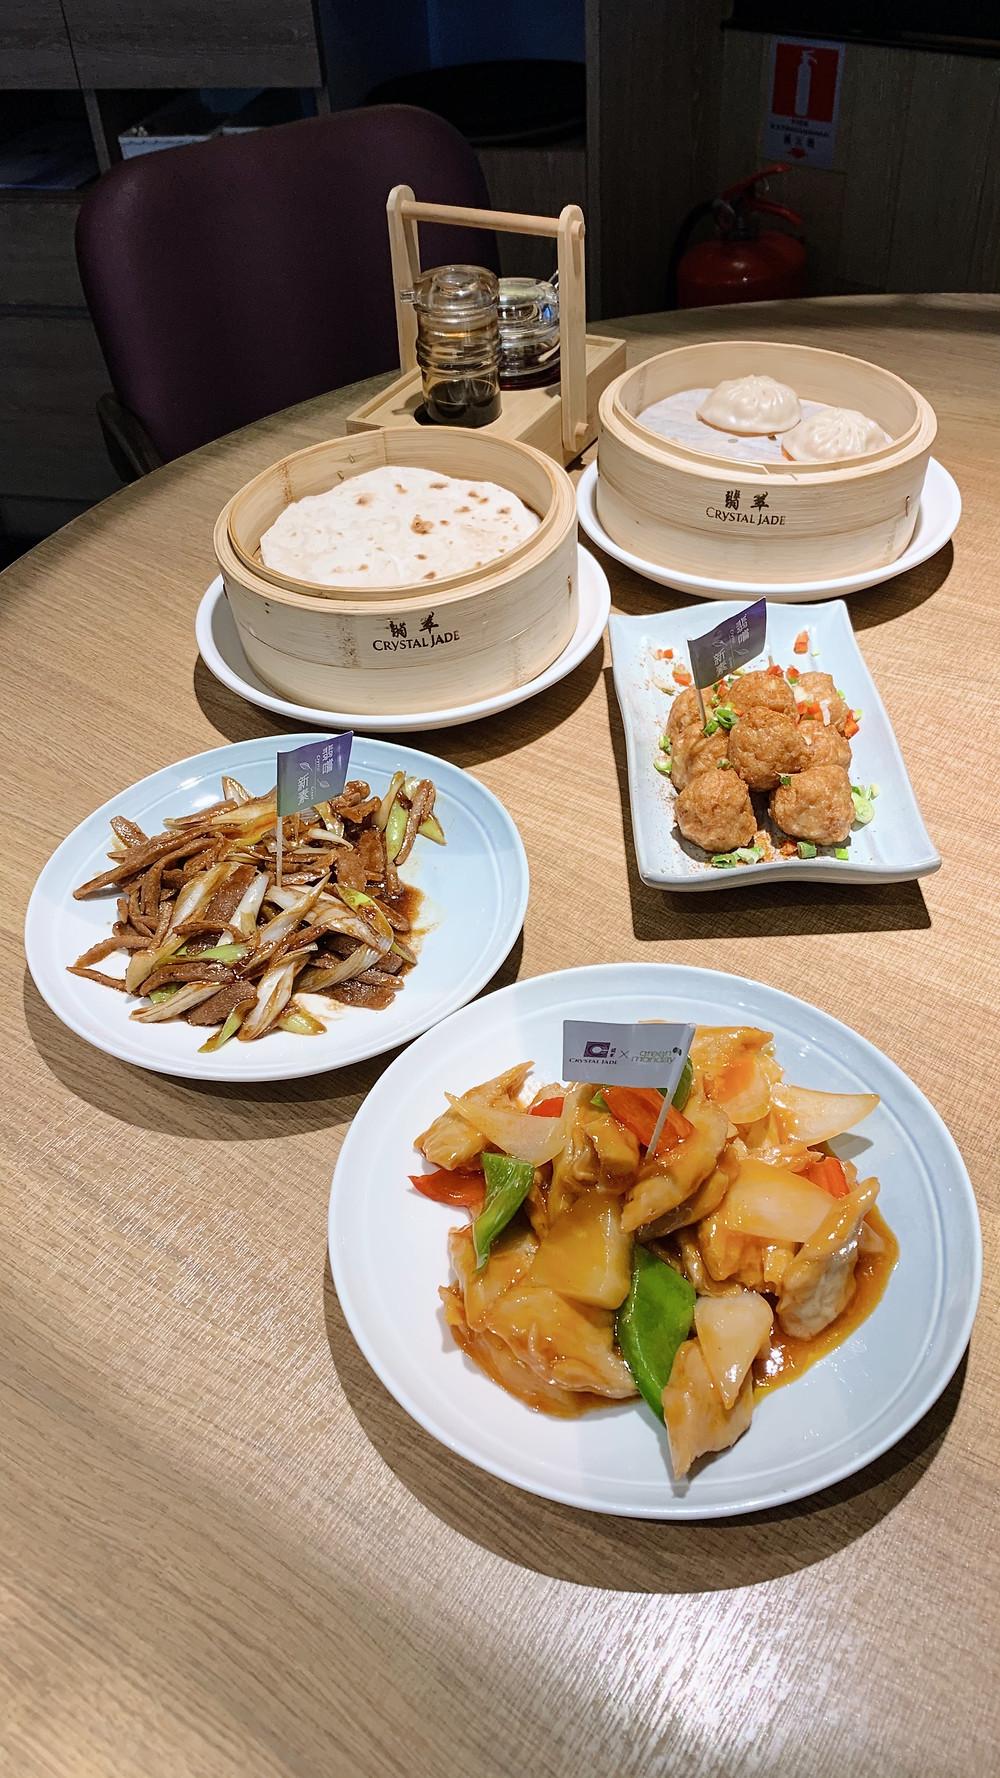 Food at Crystal Jade La Mian Xiao Long Bao